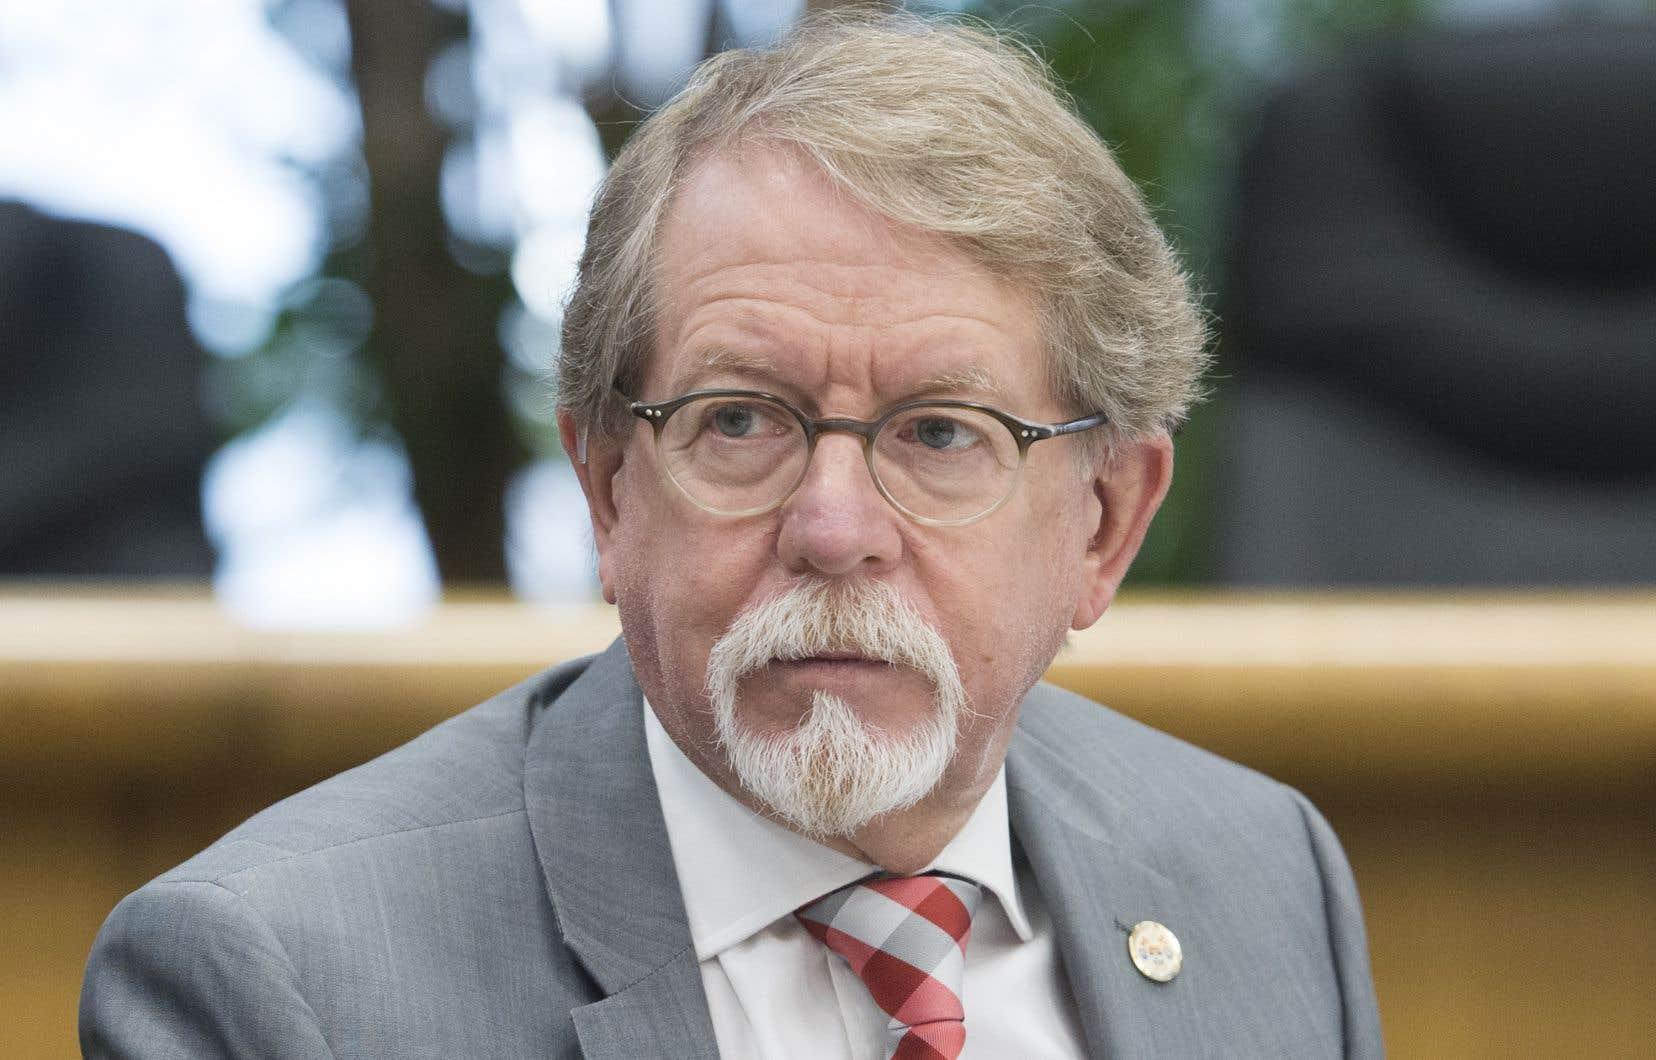 Malgré les appels répétés des élus de l'Assemblée nationale, William Steinberg se refuse à présenter ses excuses pour avoir décrit le projet de loi 21 comme un «nettoyage ethnique pacifique» de la part du gouvernement Legault.